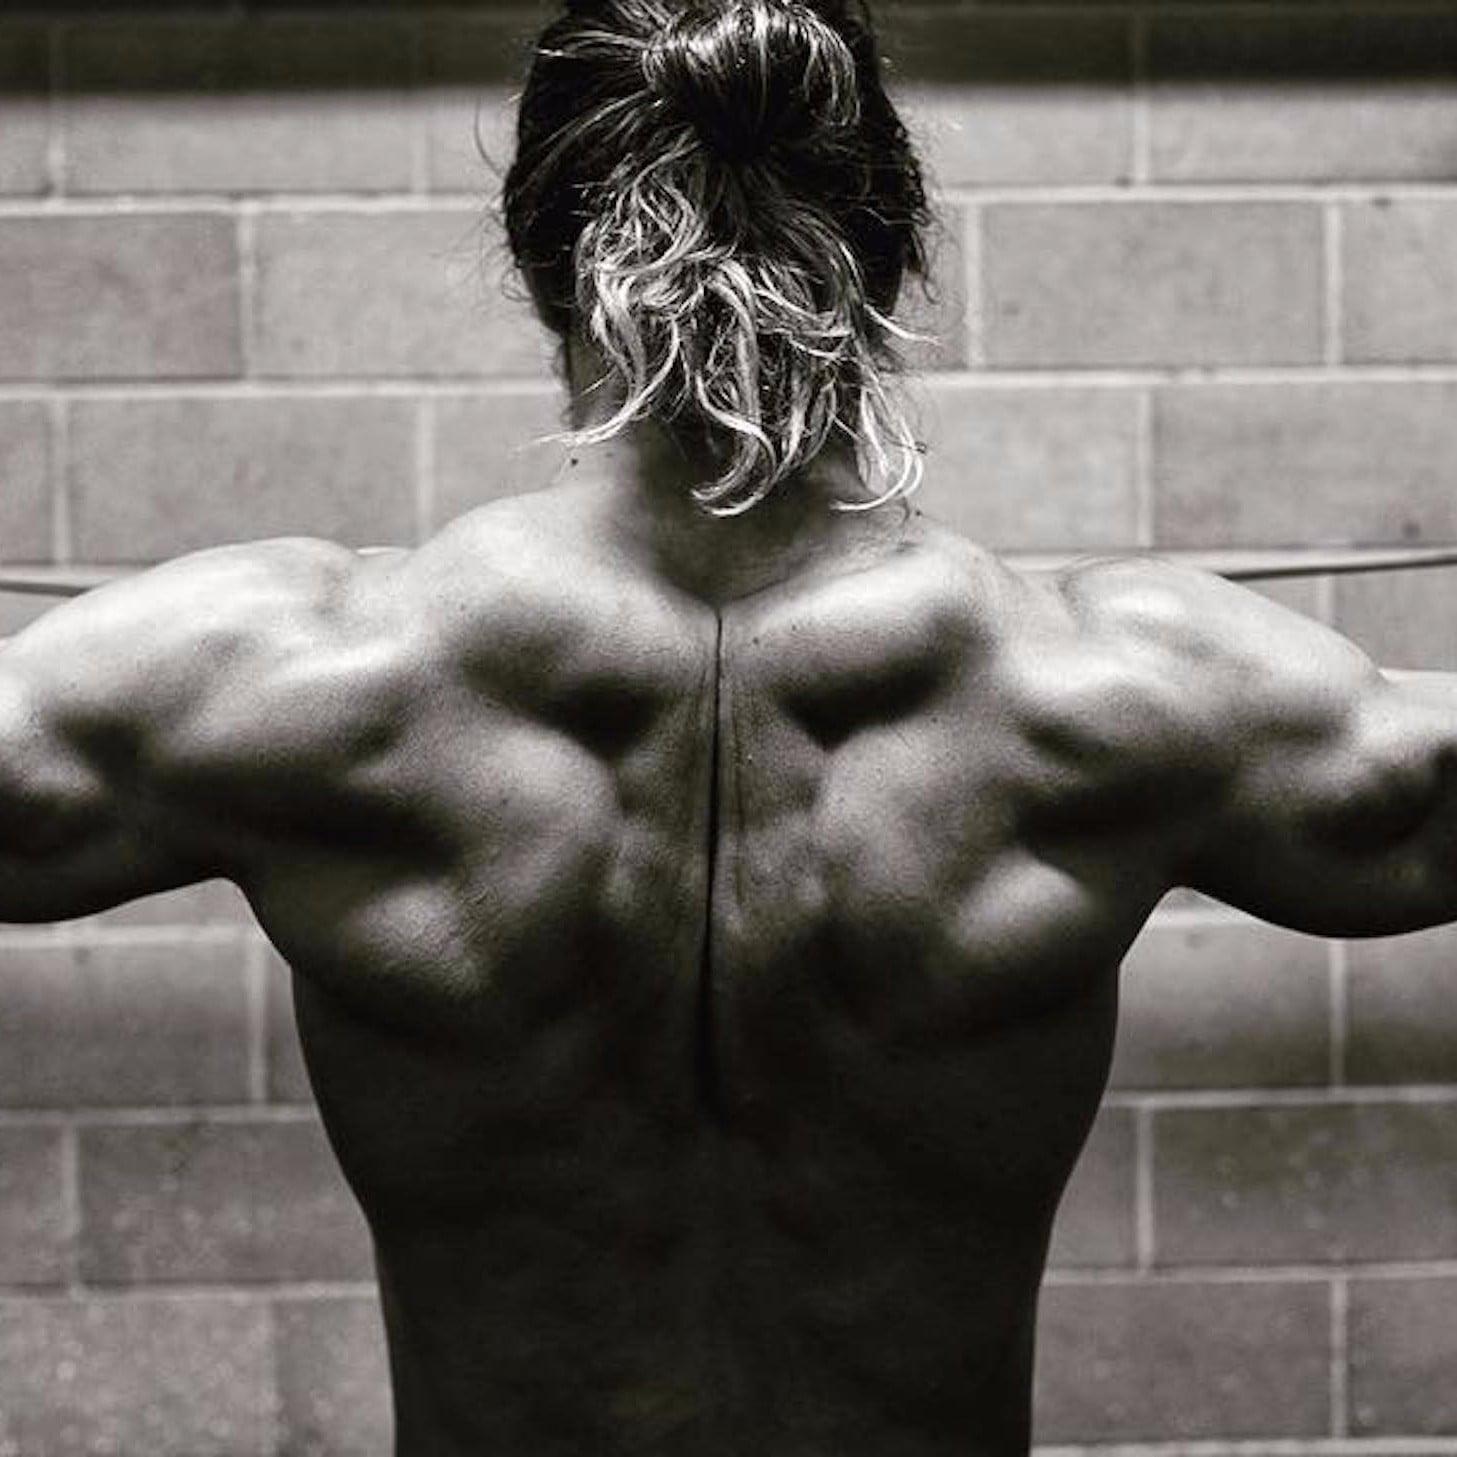 Jason Momoa Back Muscle Pictures Popsugar Celebrity Australia